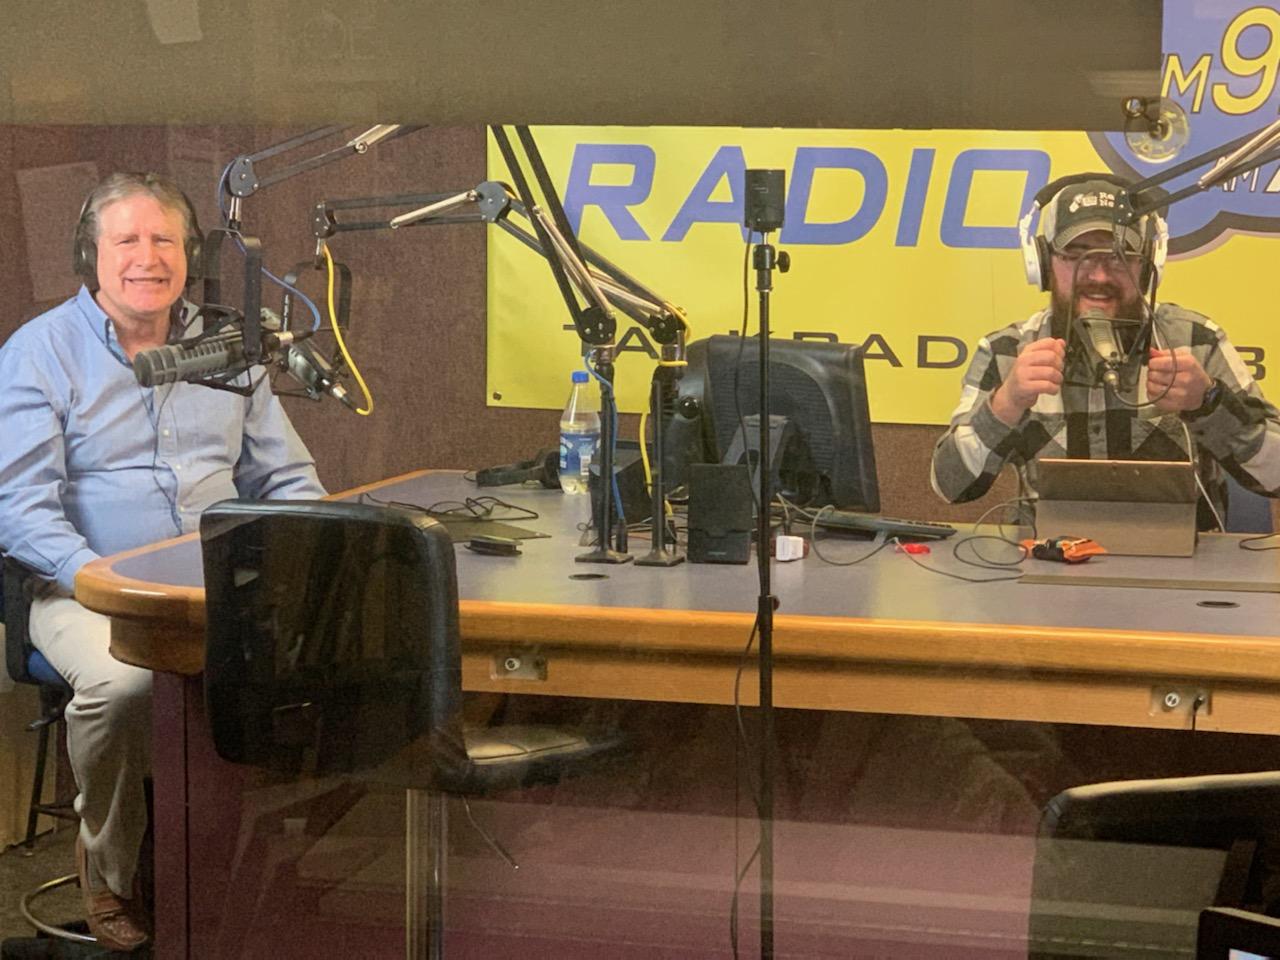 David Zubler's Radio Shows